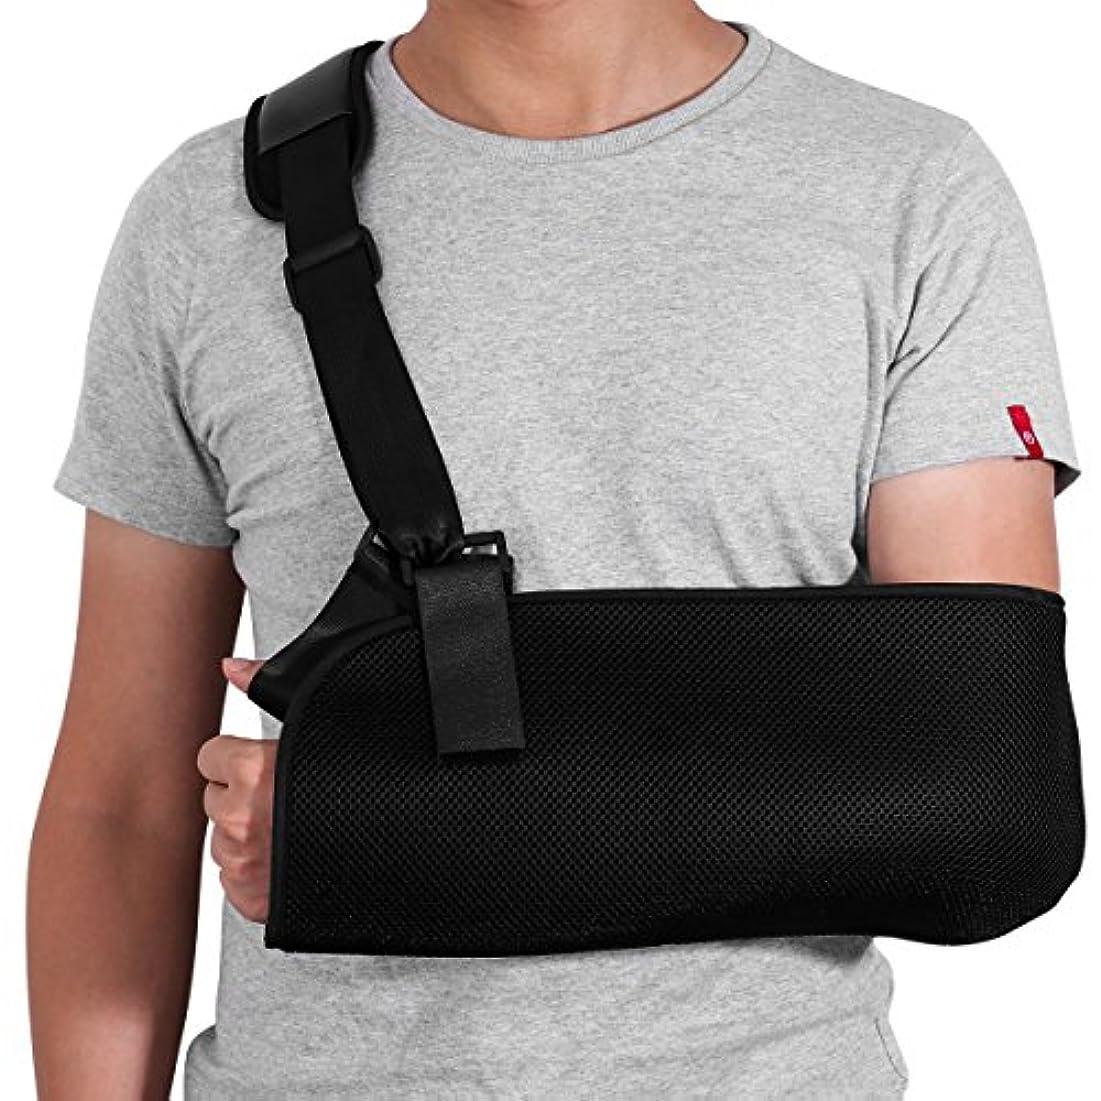 バンジージャンプ塊里親ROSENICE アームスリング - 壊れた骨折したアームのためのショルダーイモビライザー - 調節可能なアーム、ショルダーローテーターカフサポートブレース - 涙、脱臼、捻挫およびひずみ